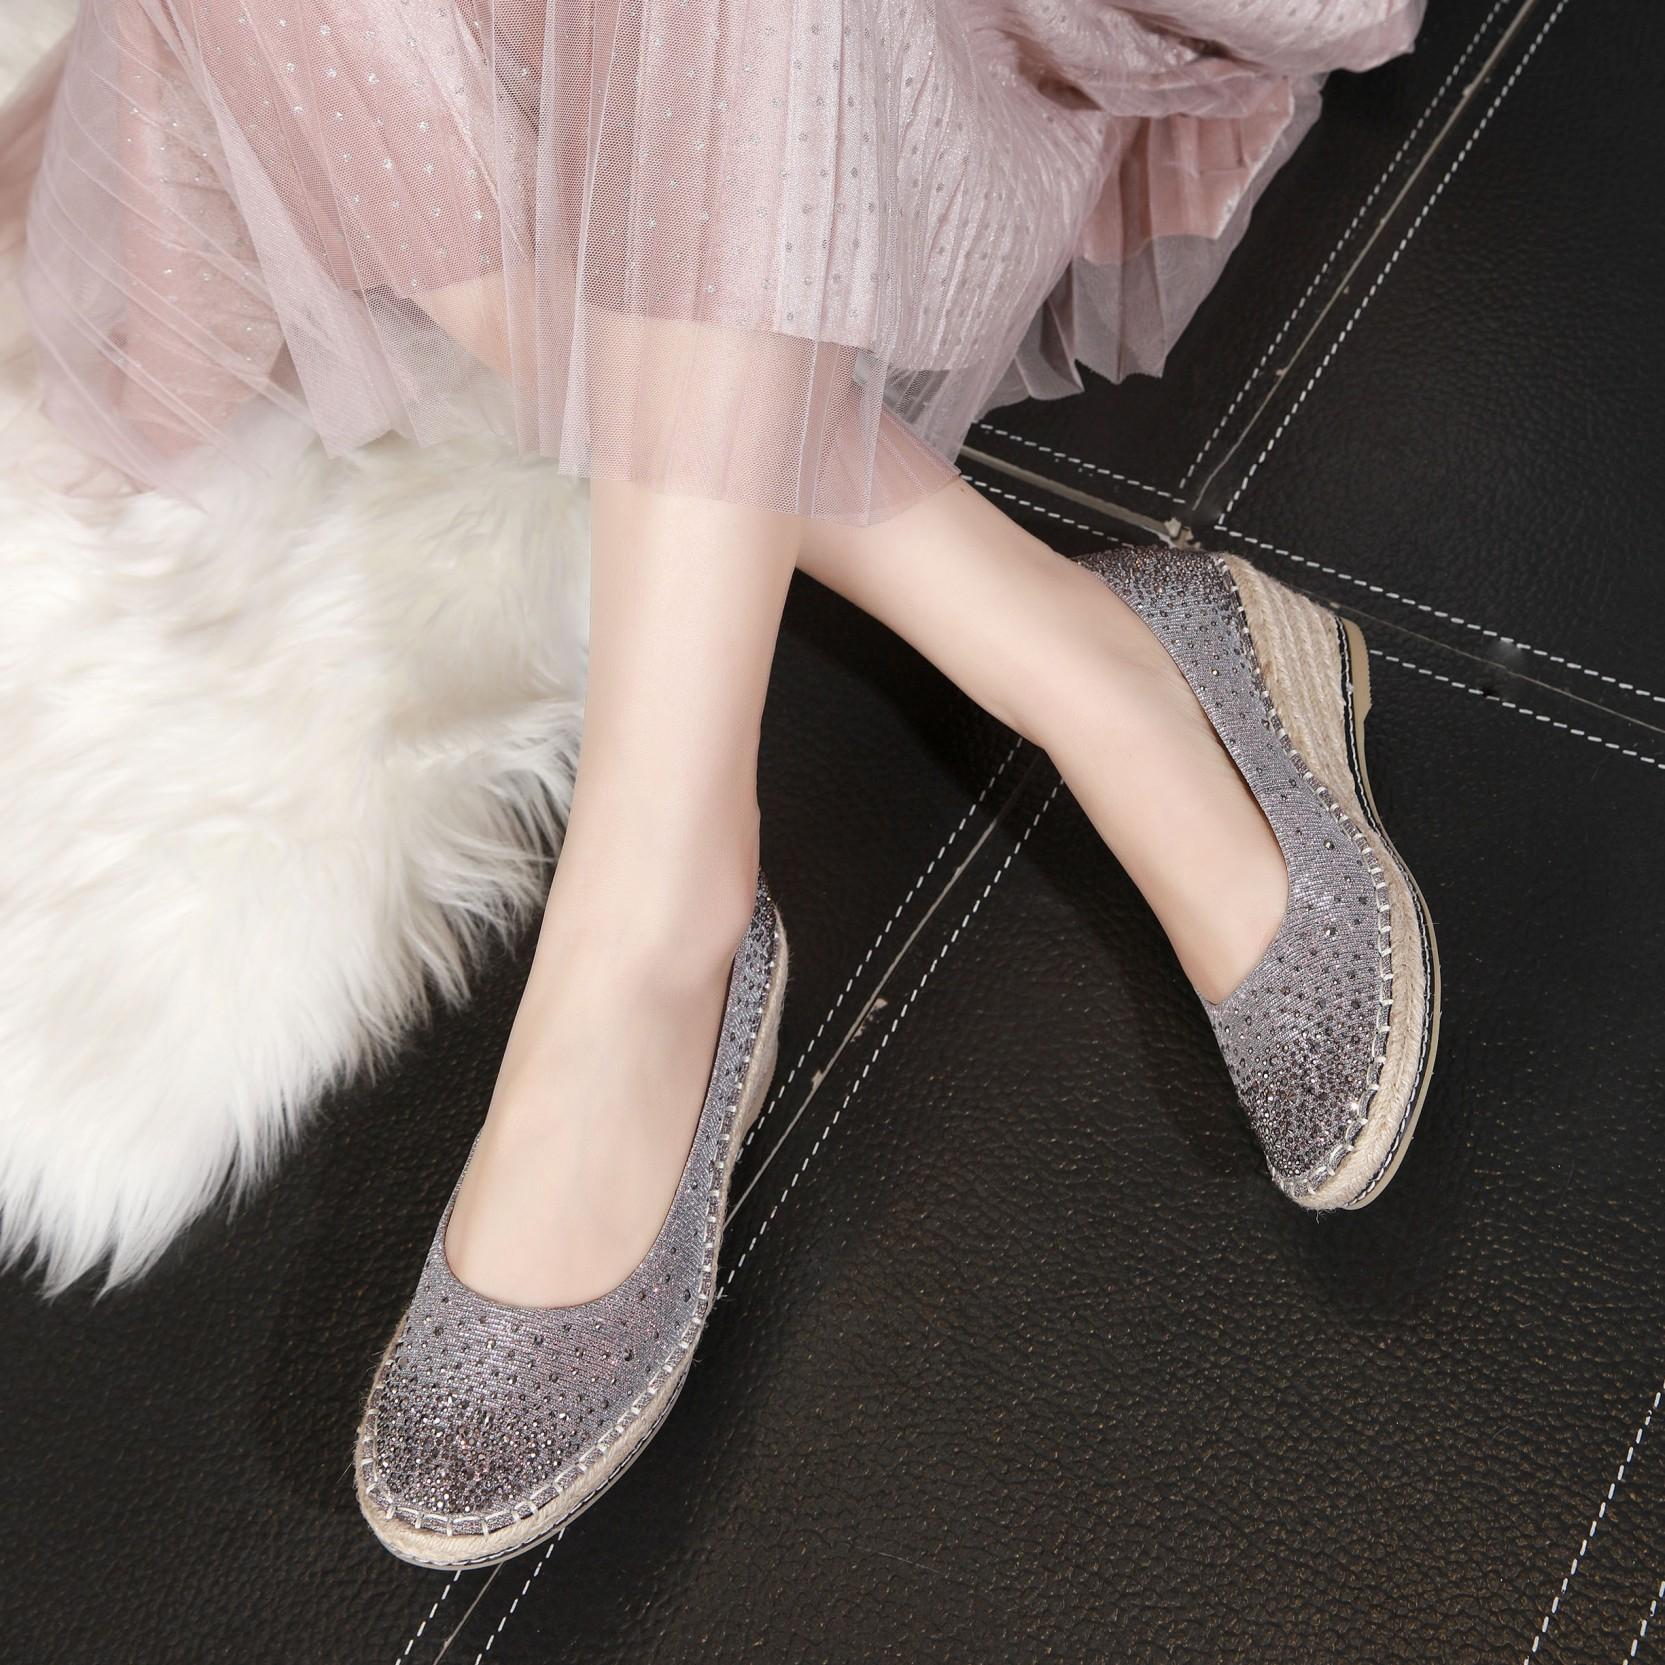 欧洲站女鞋2021新款渔夫鞋厚底水钻一脚蹬坡跟单鞋仙女风舒适百搭